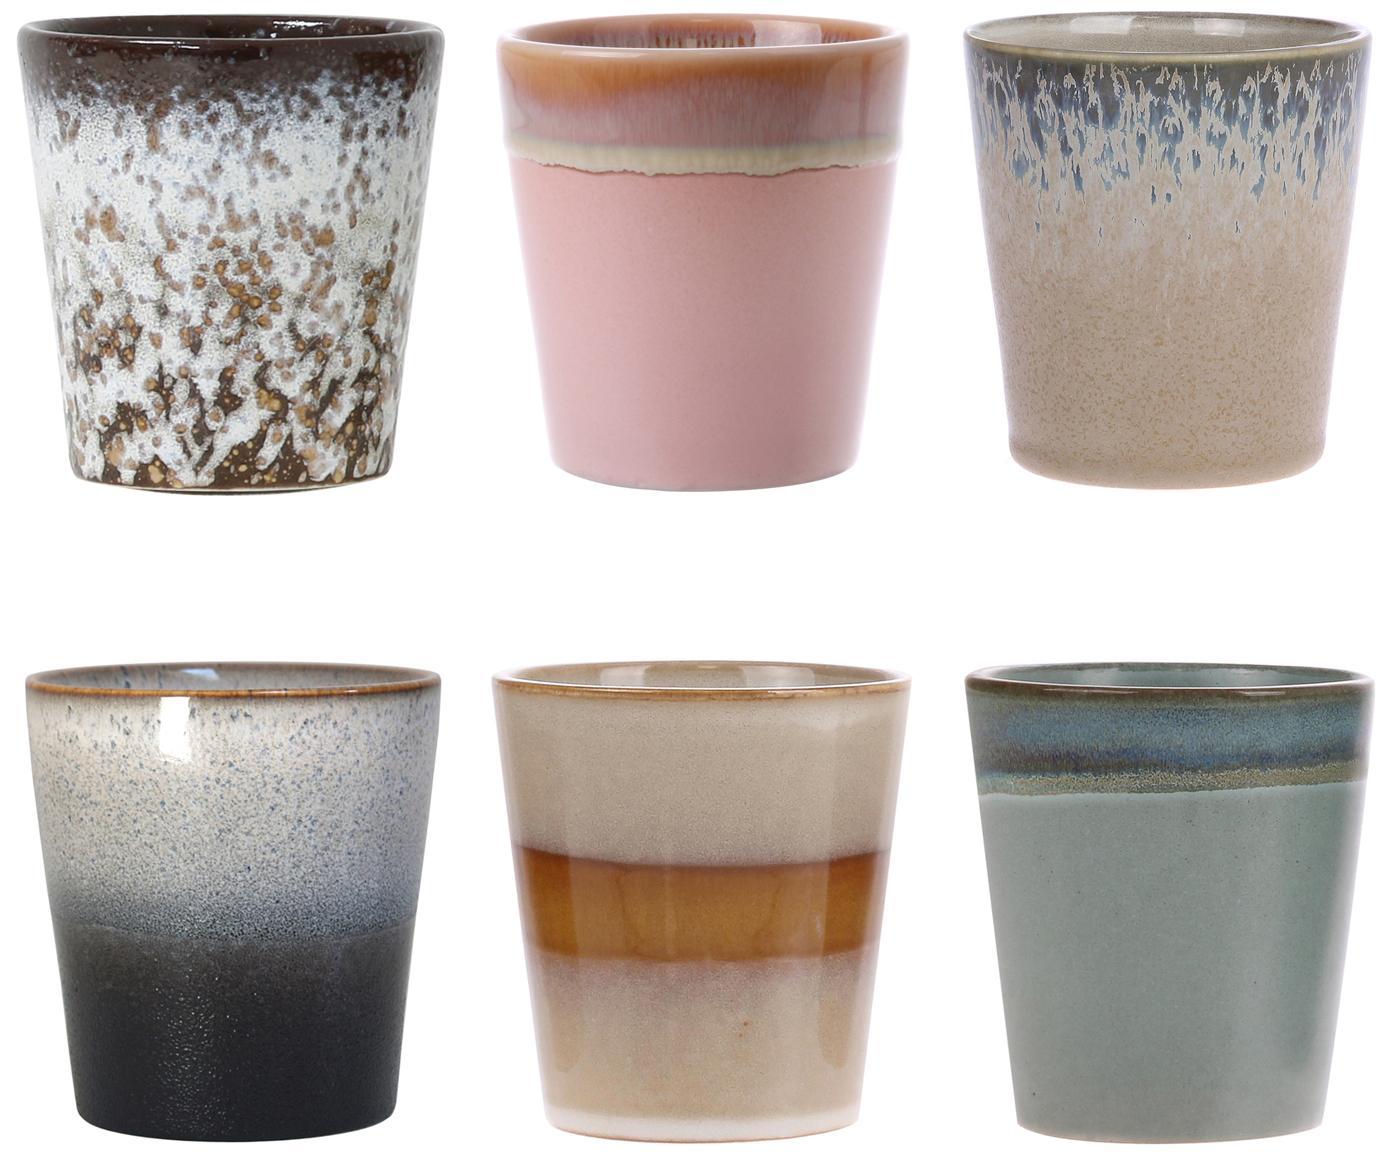 Handgemaakte XS-bekerset 70's, 6-delig, Keramiek, Roze, beige, blauw, Ø 8 x H 8 cm